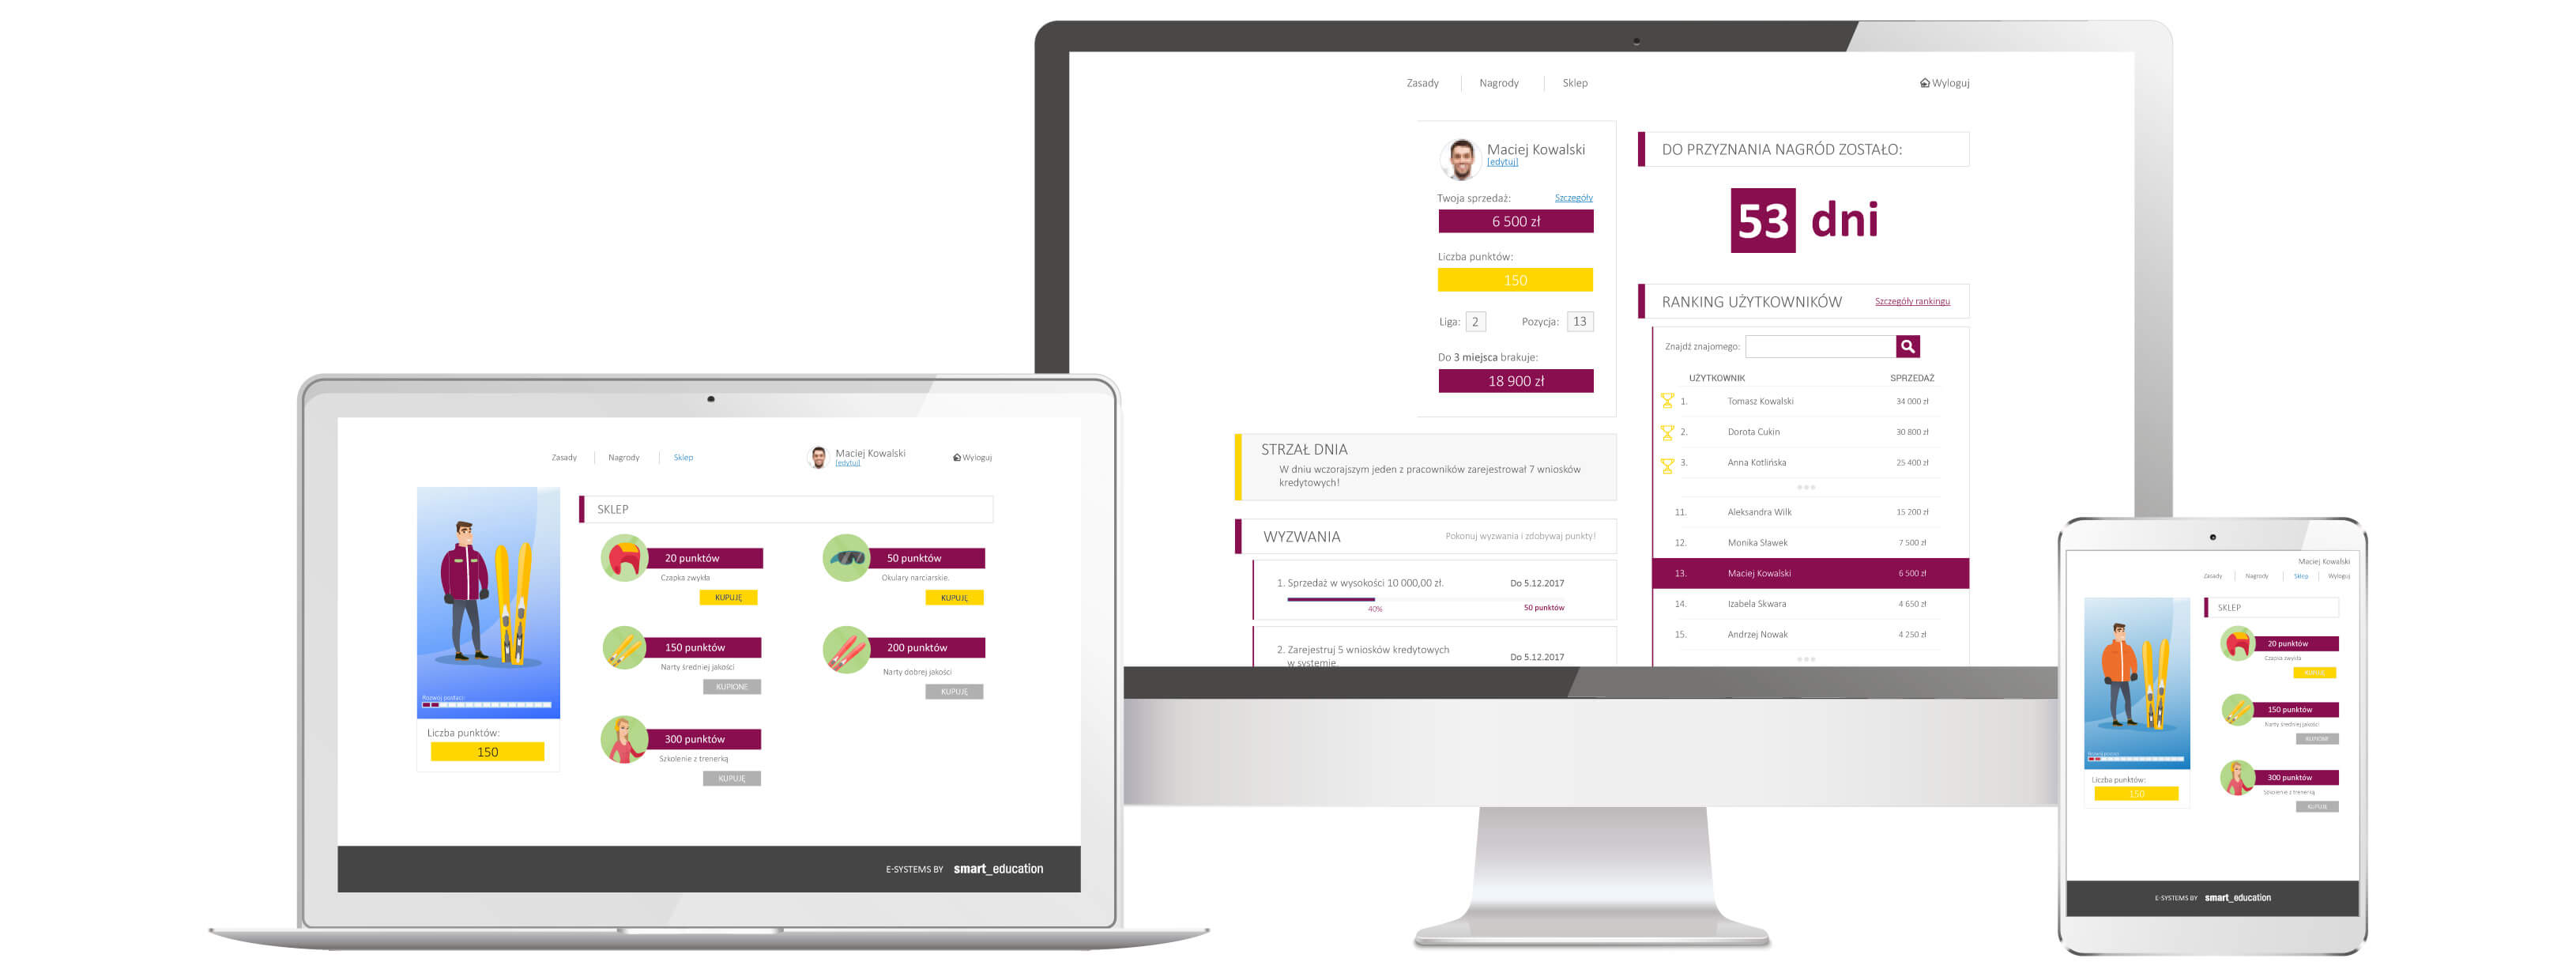 Jak zaangażować handlowców poprzez grywalizację - podgląd interfejsu użytkownika